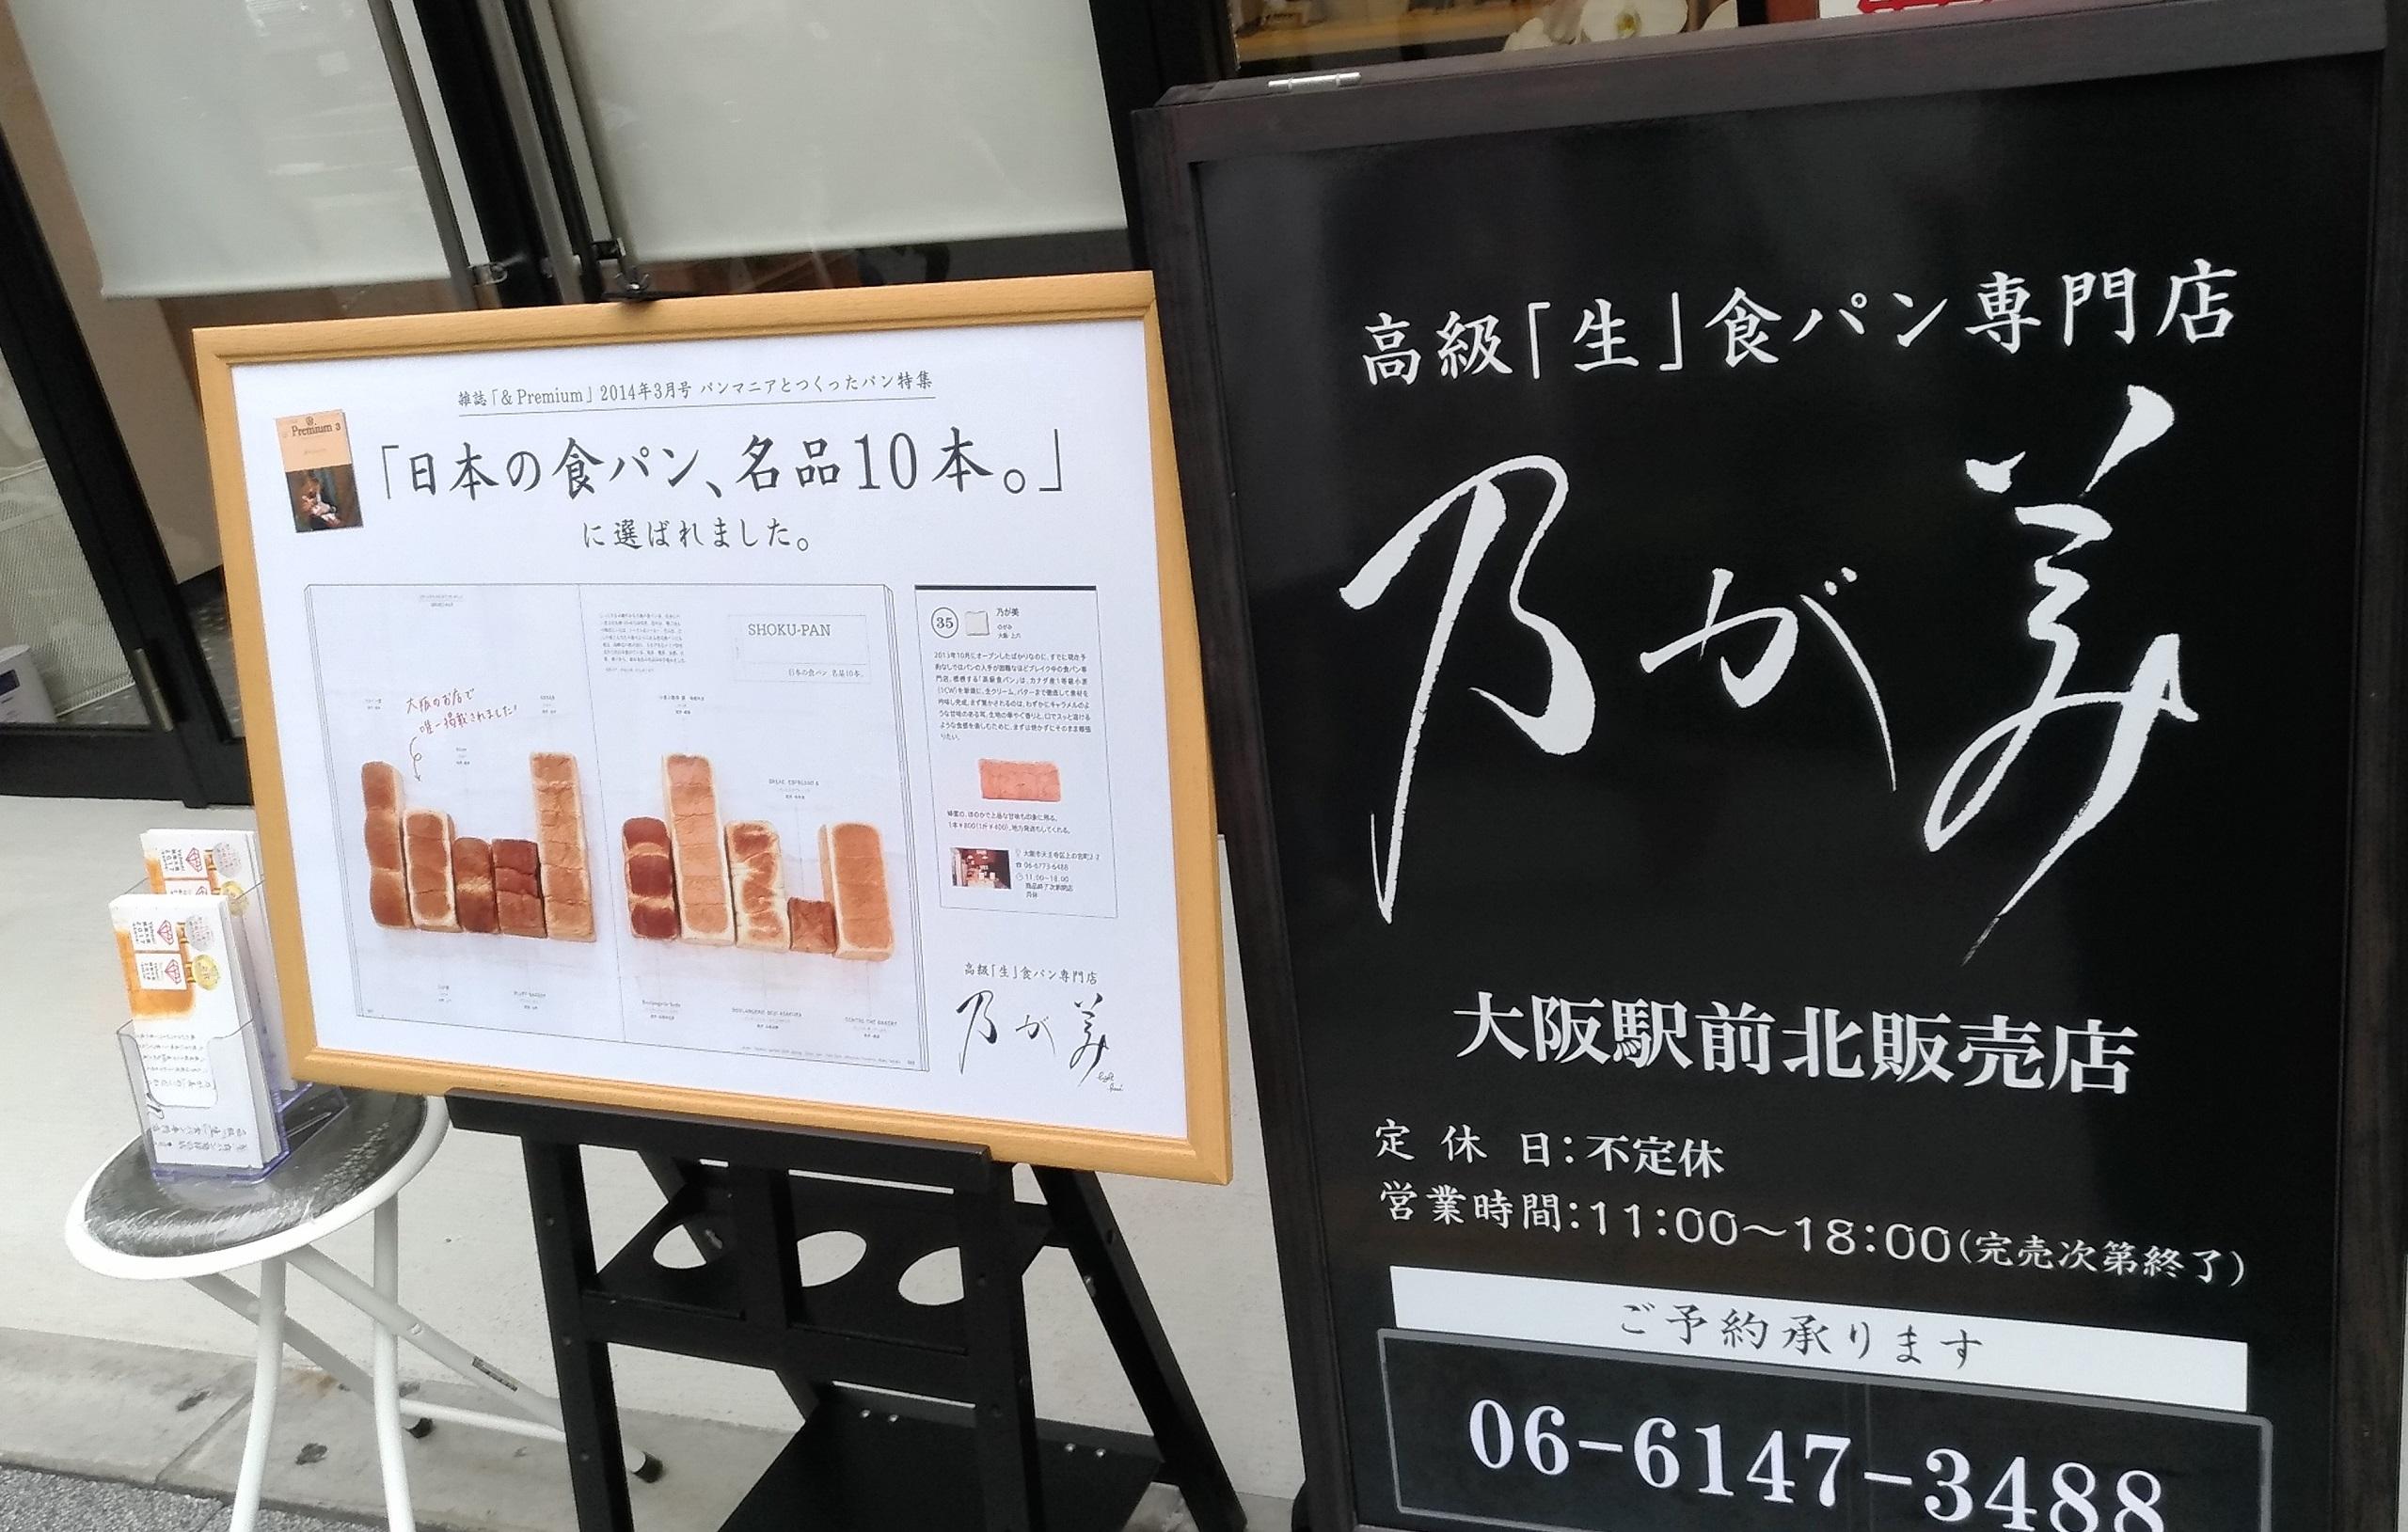 nogami_osaka_umeda_shokupan_.jpg